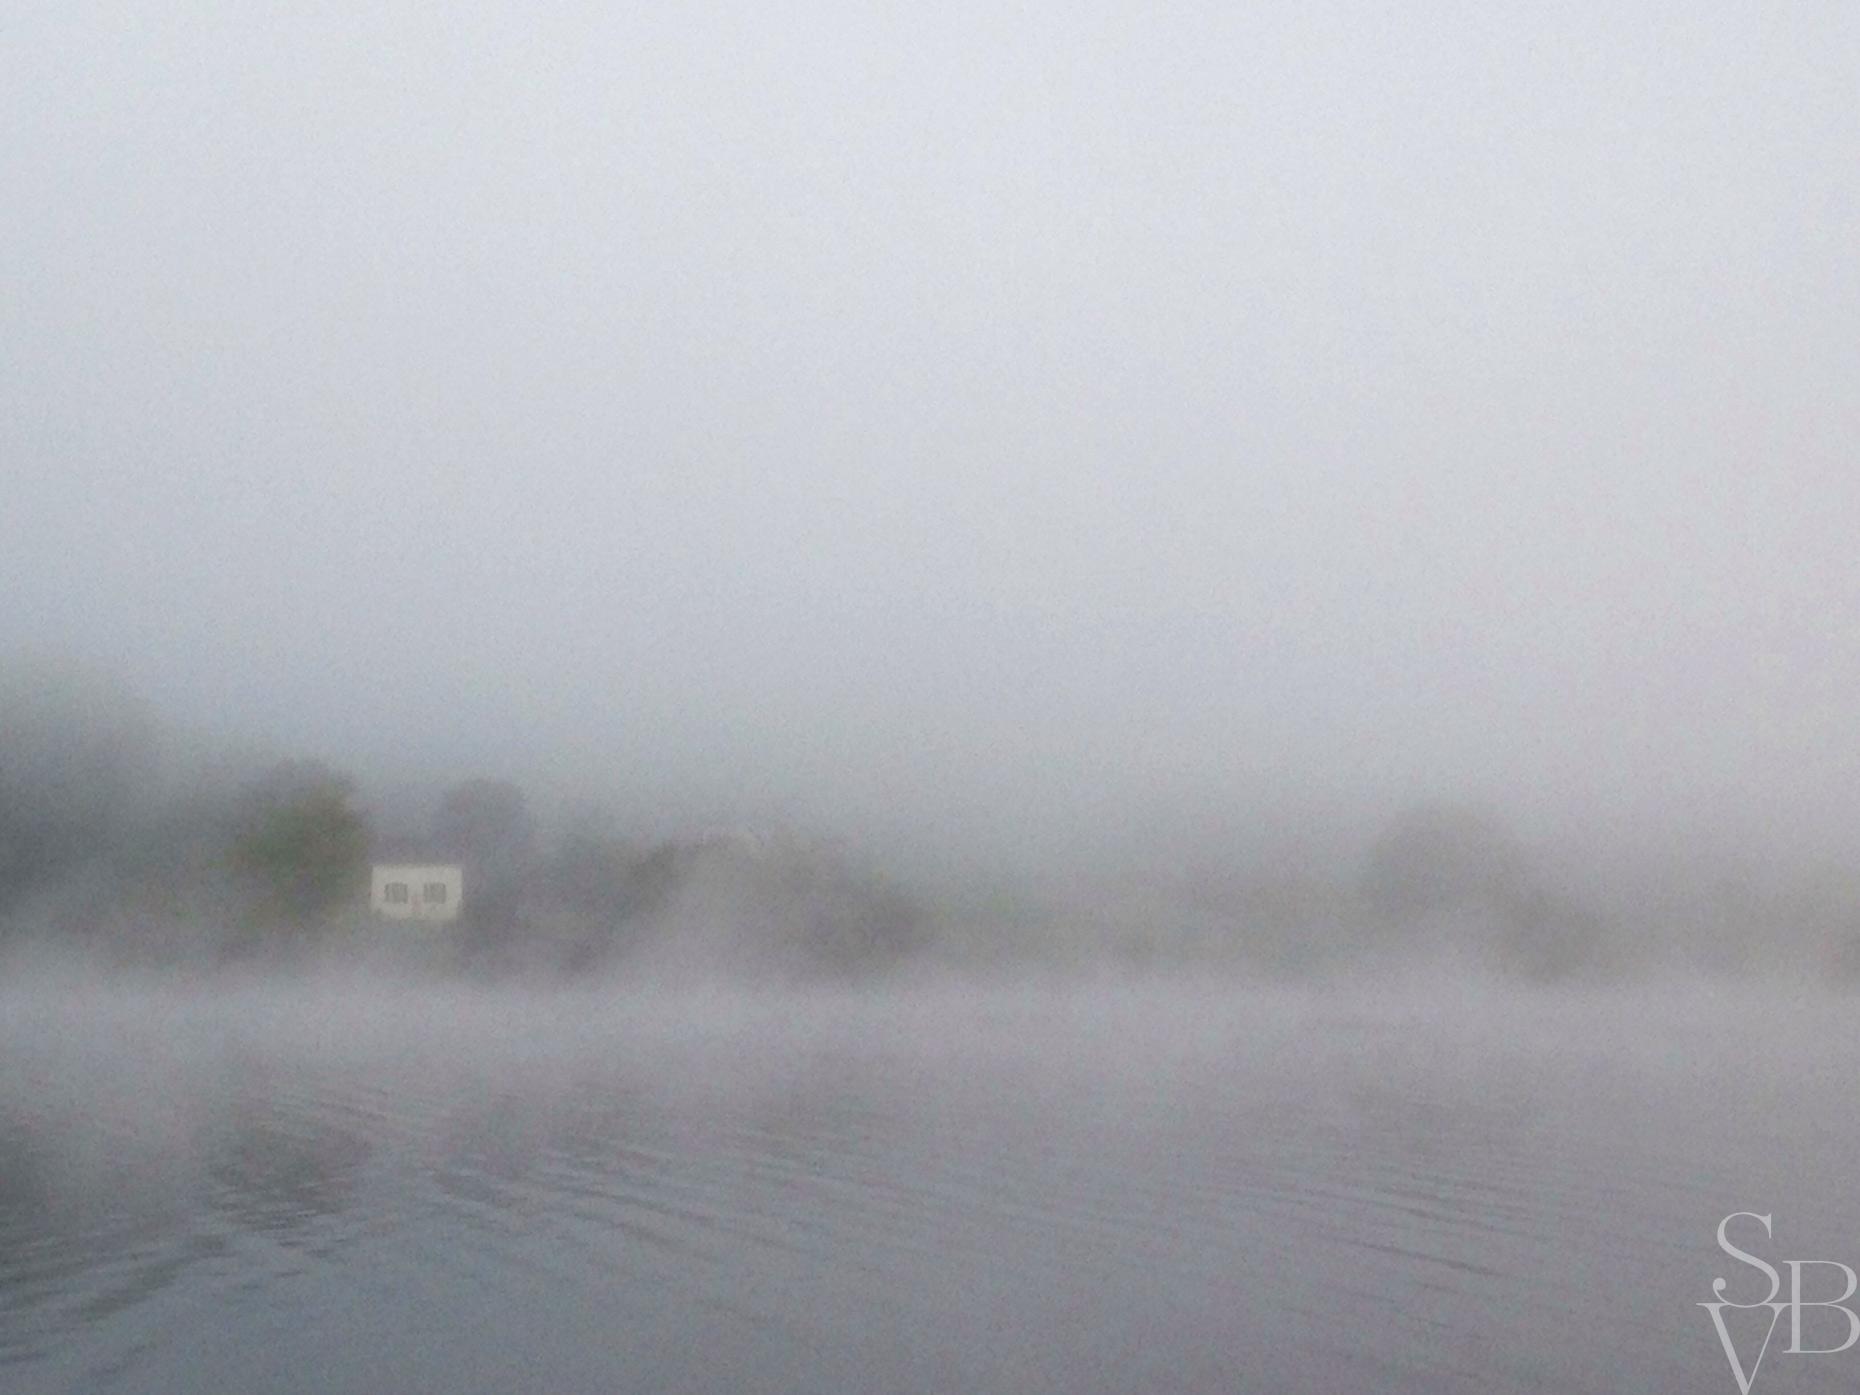 005_03_windswept_fog_001f.jpg